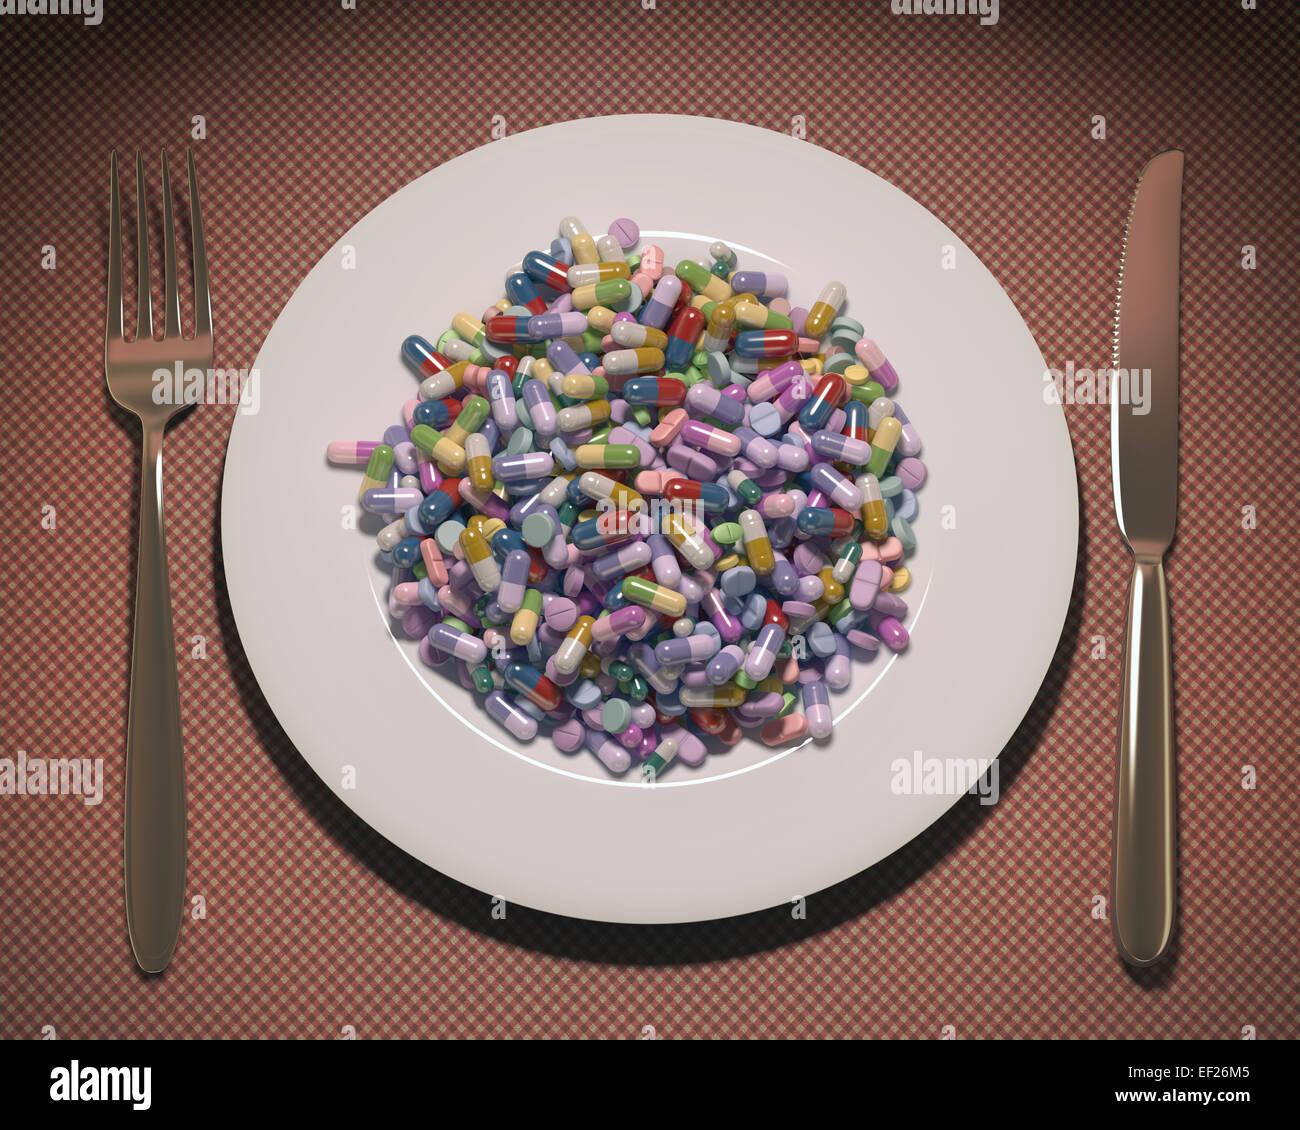 Lave remplis de médicaments et suppléments au lieu de la nourriture. Chemin de détourage inclus. Photo Stock